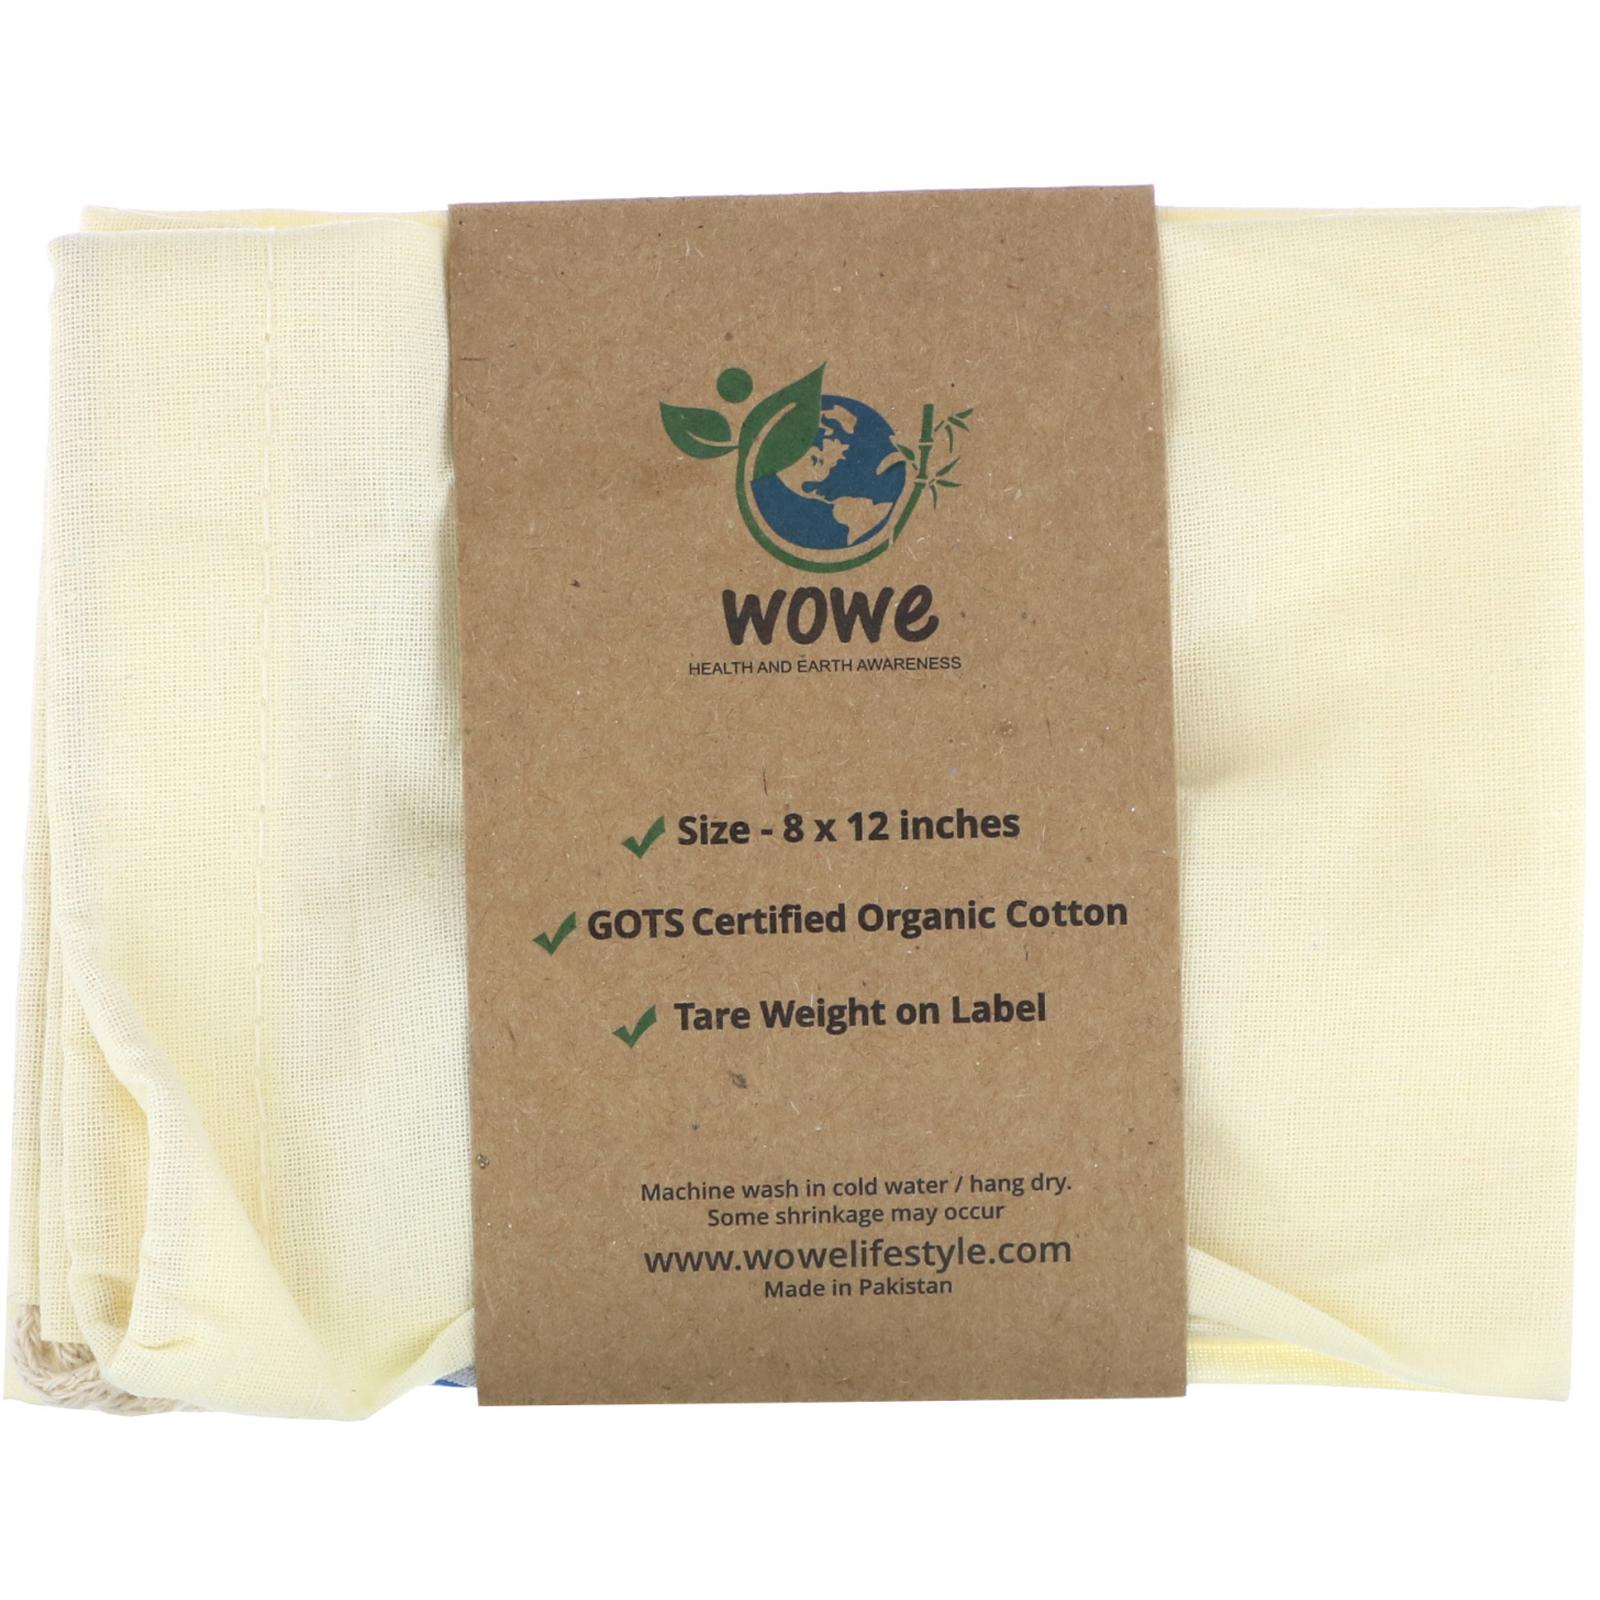 Wowe Certified Organic Cotton Muslin Bag 1 8 In X 12